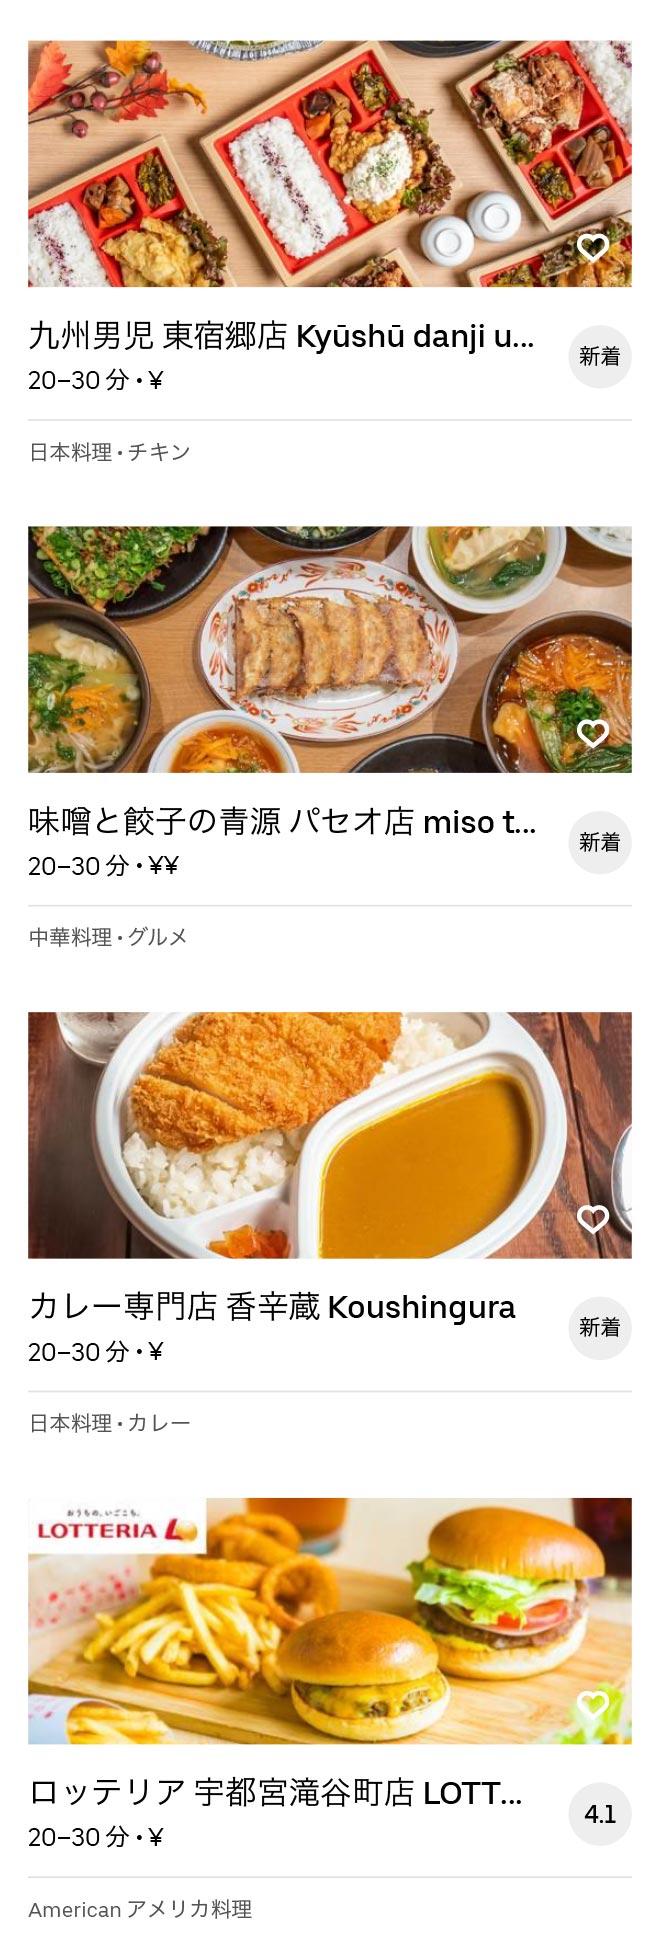 Tobu utsunomiya menu 200610